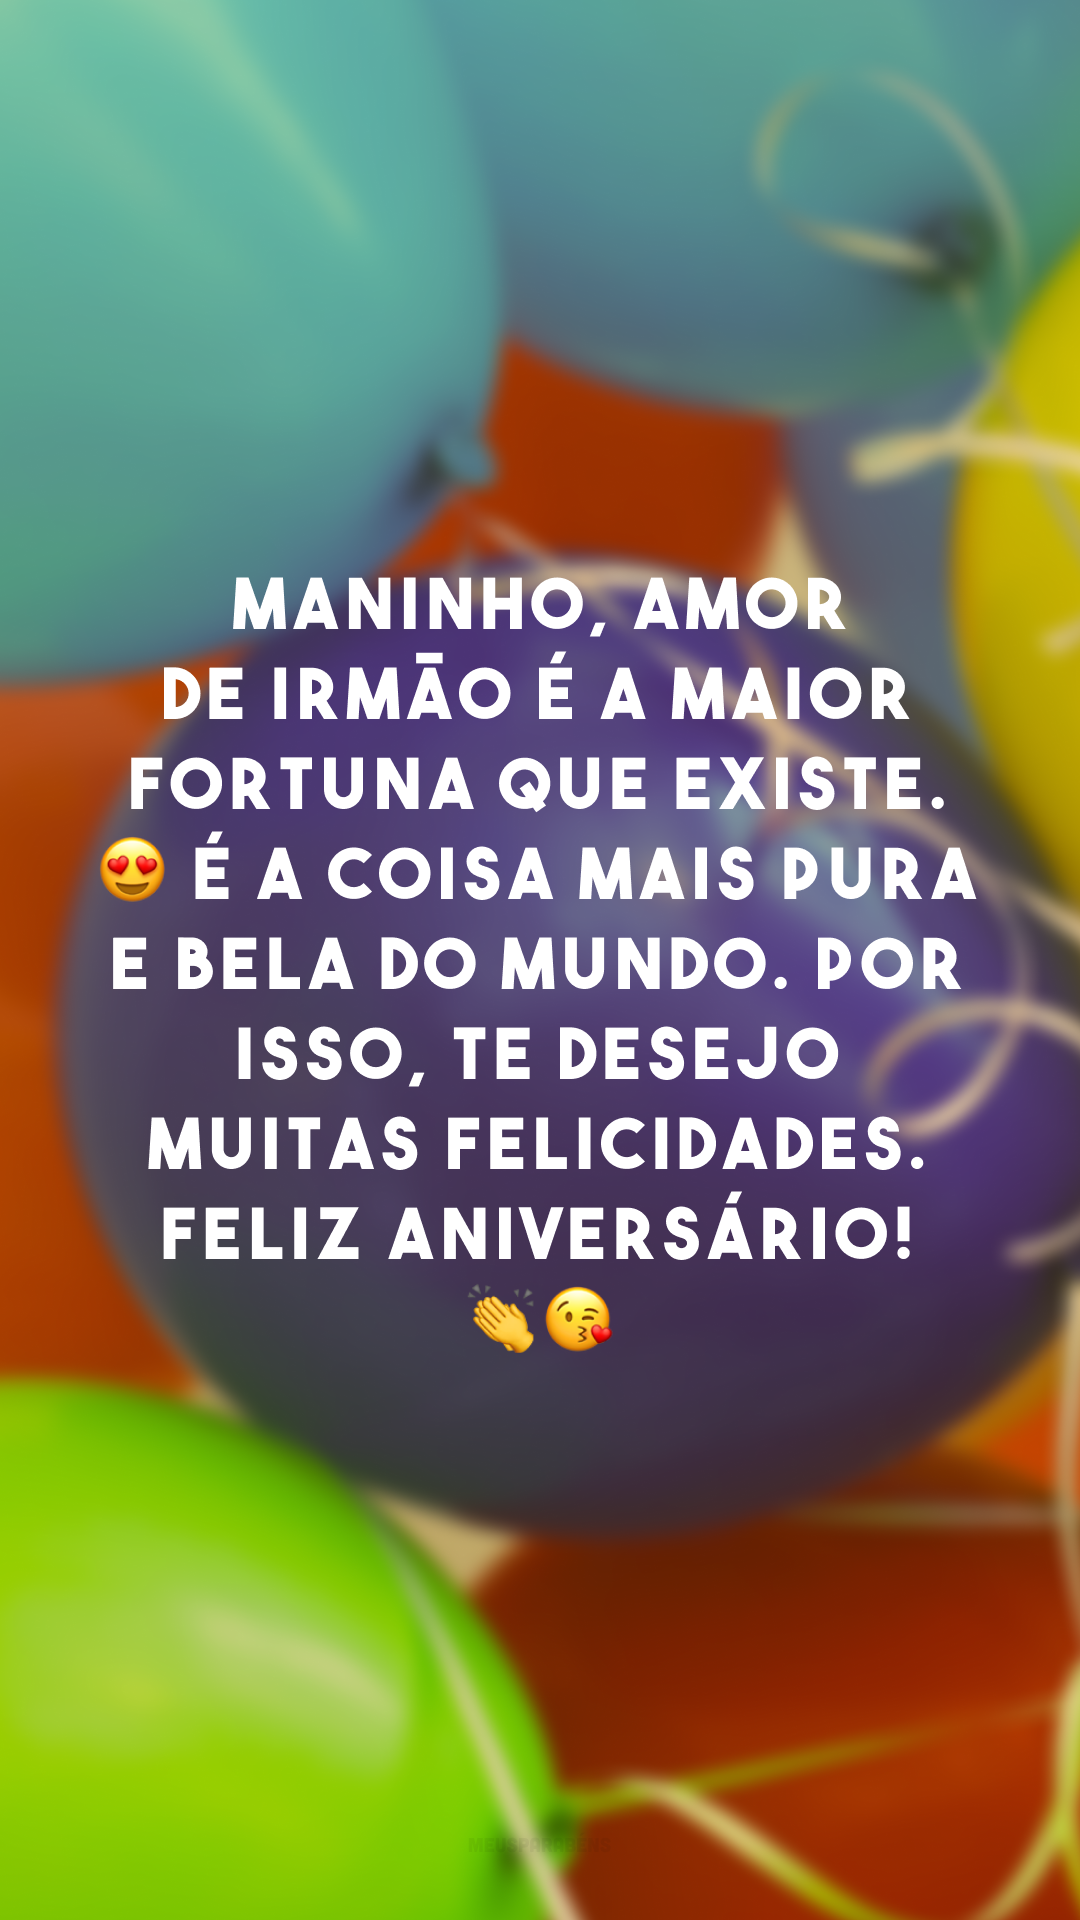 Maninho, amor de irmão é a maior fortuna que existe. 😍 É a coisa mais pura e bela do mundo. Por isso, te desejo muitas felicidades. Feliz aniversário! 👏😘